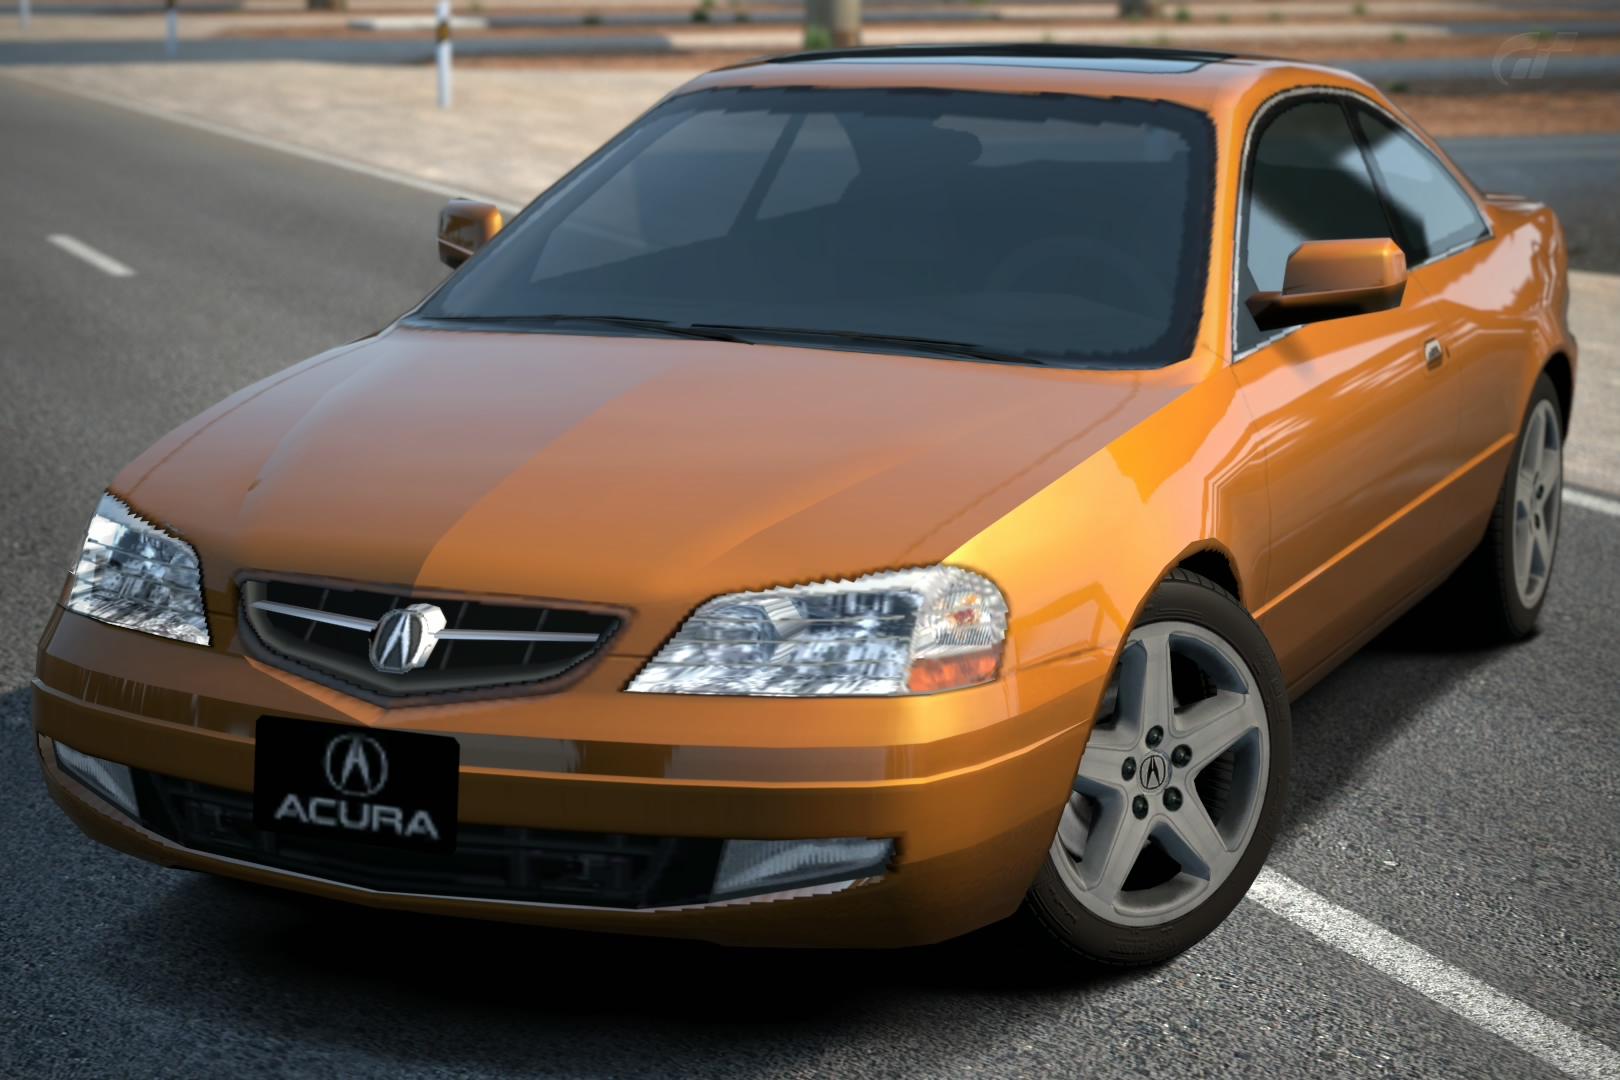 Acura CL 3.2 Type-S '01